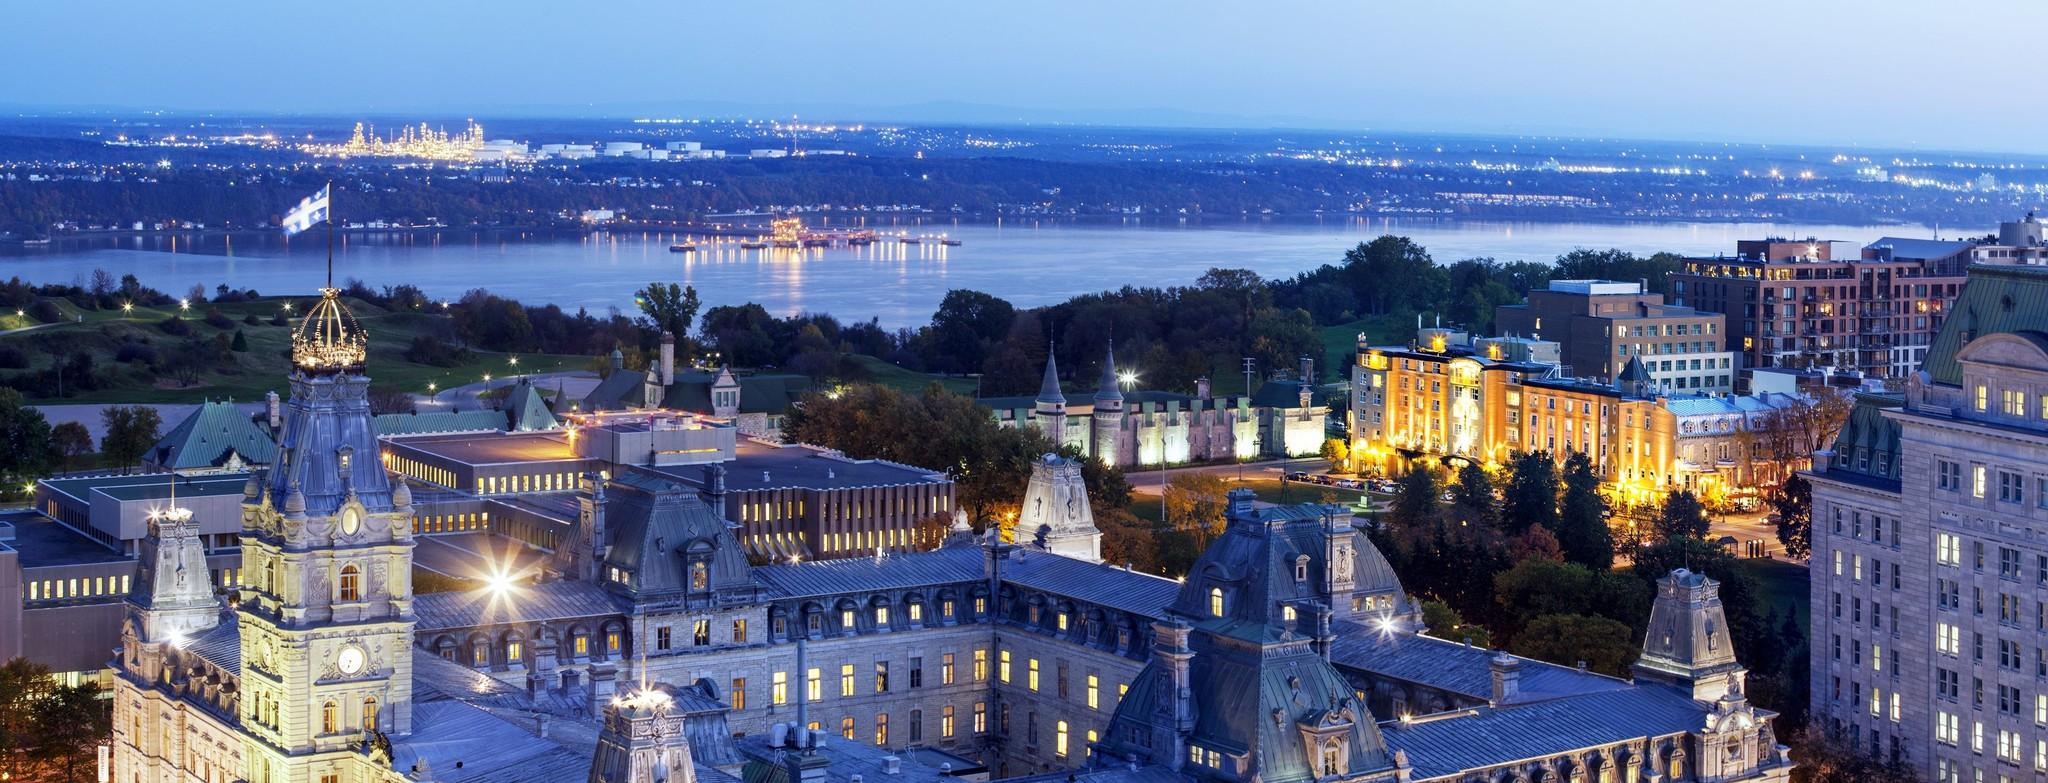 l'hôtel Chateau Laurier situé au coeur de la ville de Québec